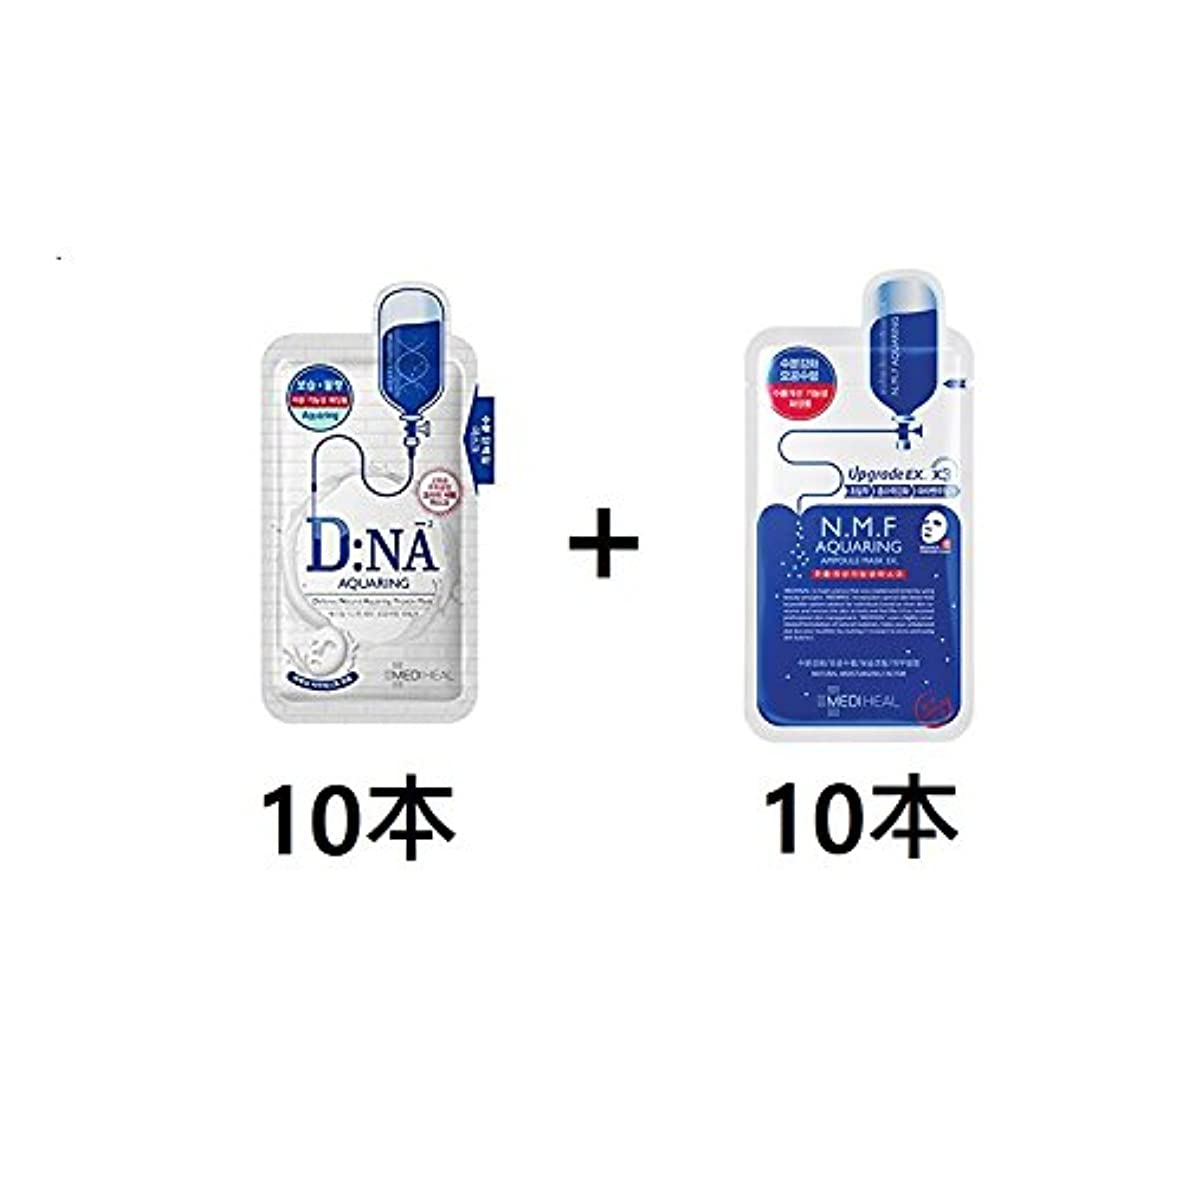 見捨てるさわやか論争の的[10+10] [メディヒール] Mediheal [N.M.F アクアリング アンプルマスク EX (10枚)] + Mediheal DNA [プロアチン マスクパック (アクアリング) (10枚) ] [並行輸入品]